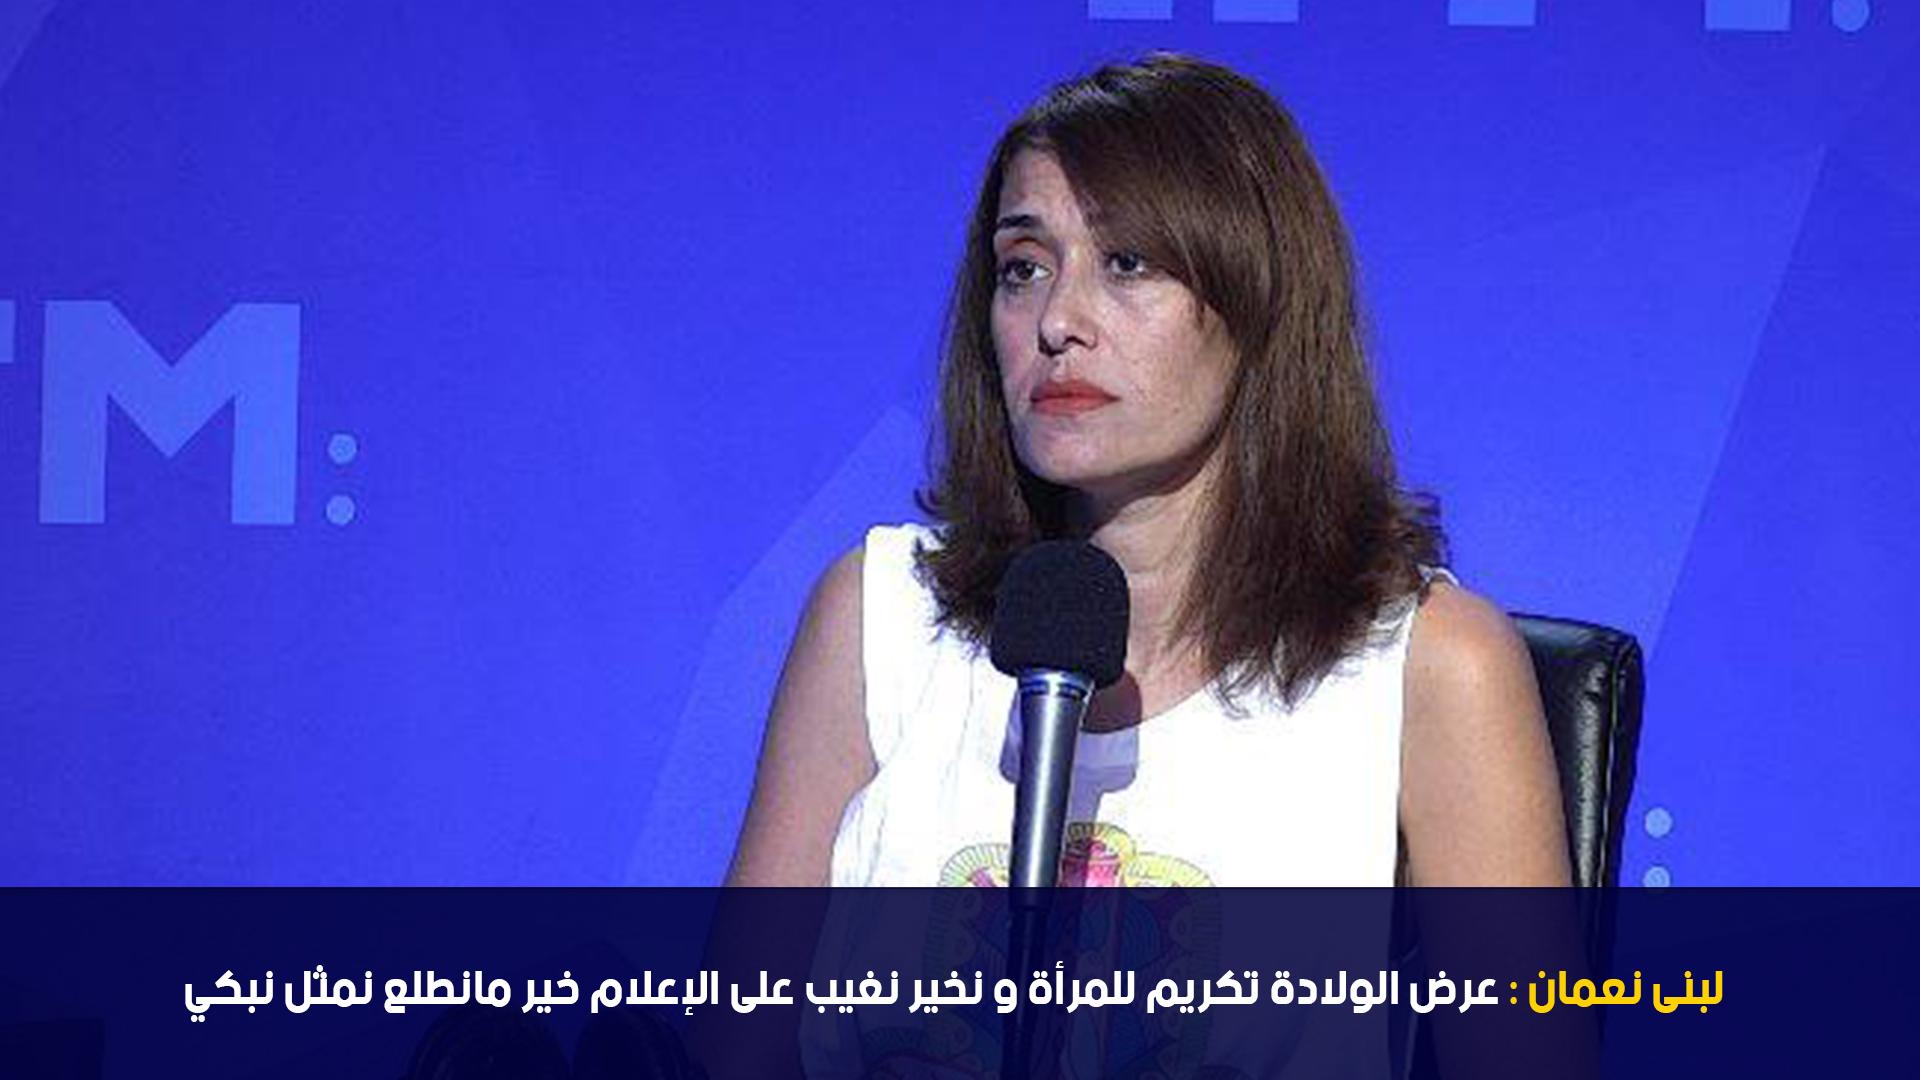 لبنى نعمان : عرض الولادة تكريم للمرأة و نخير نغيب على الإعلام خير مانطلع نمثل نبكي